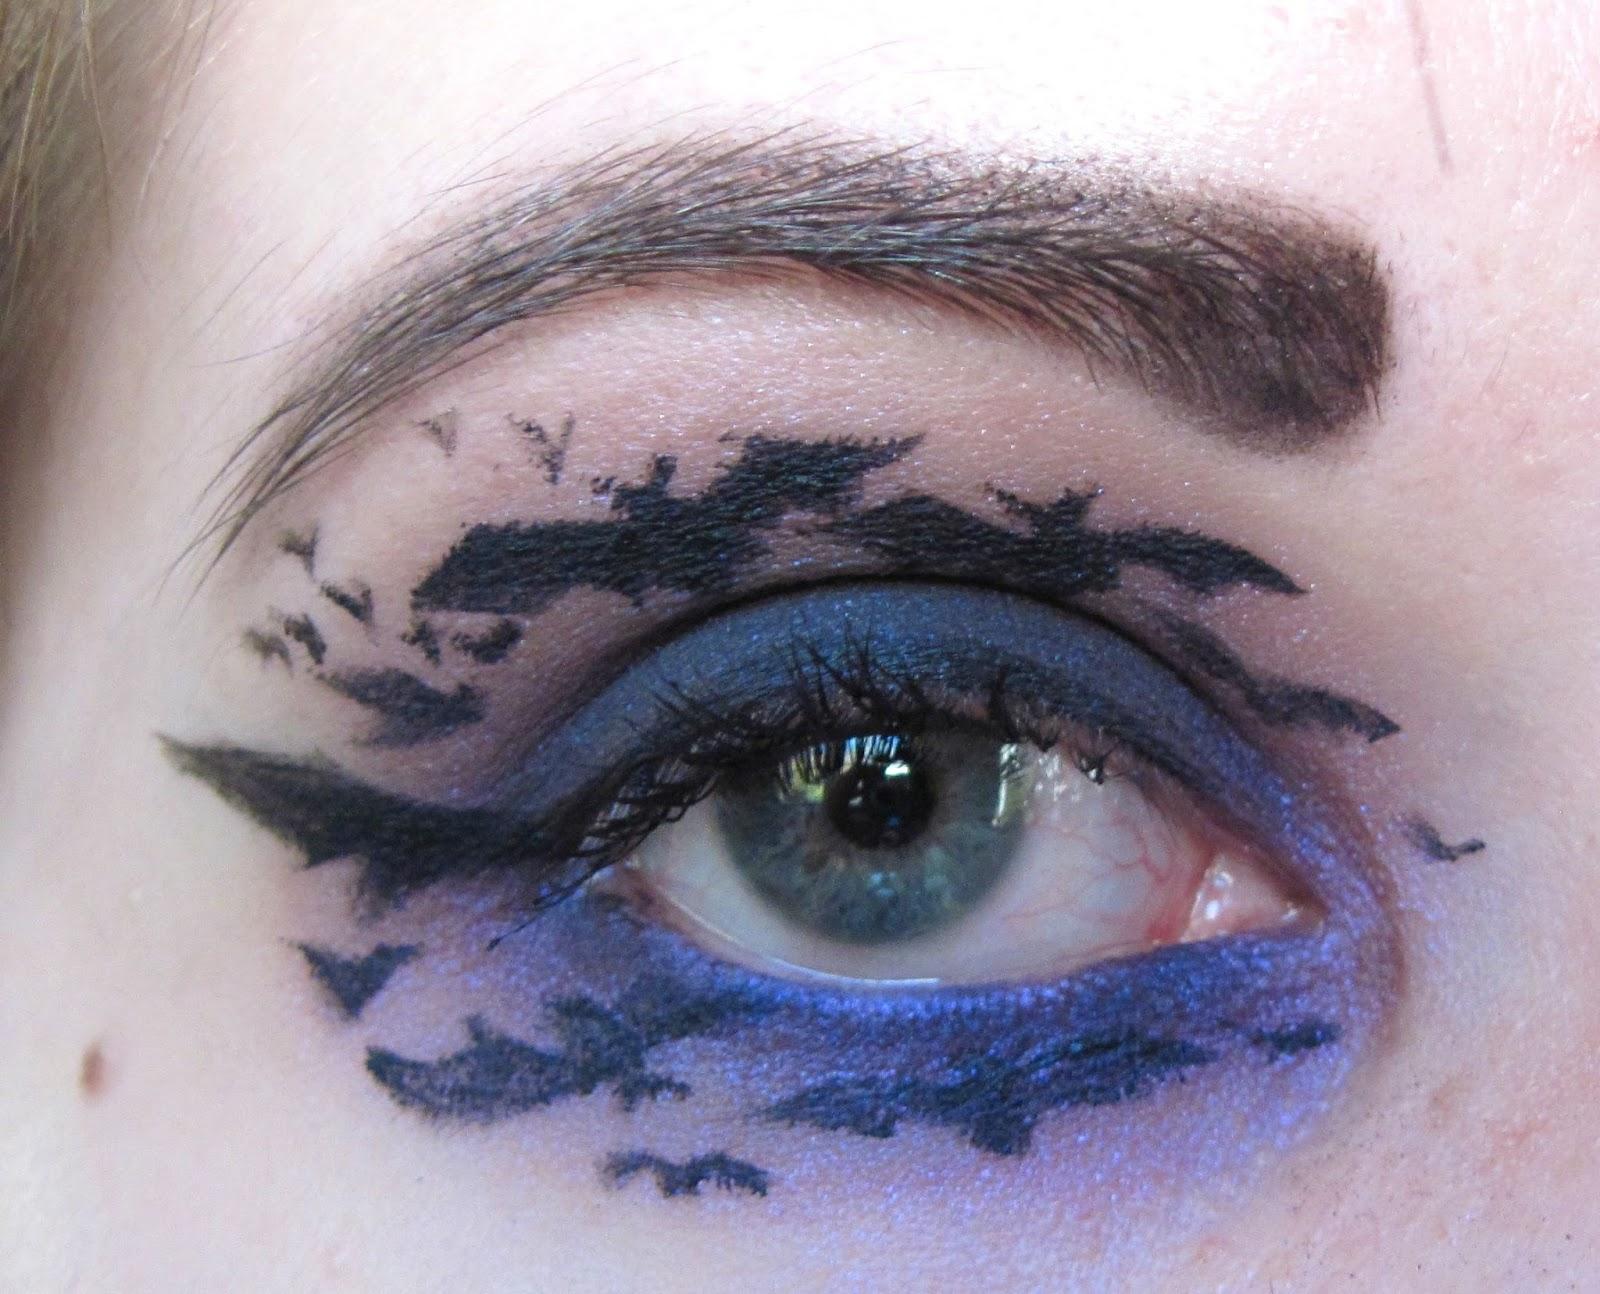 Bat eye makeup